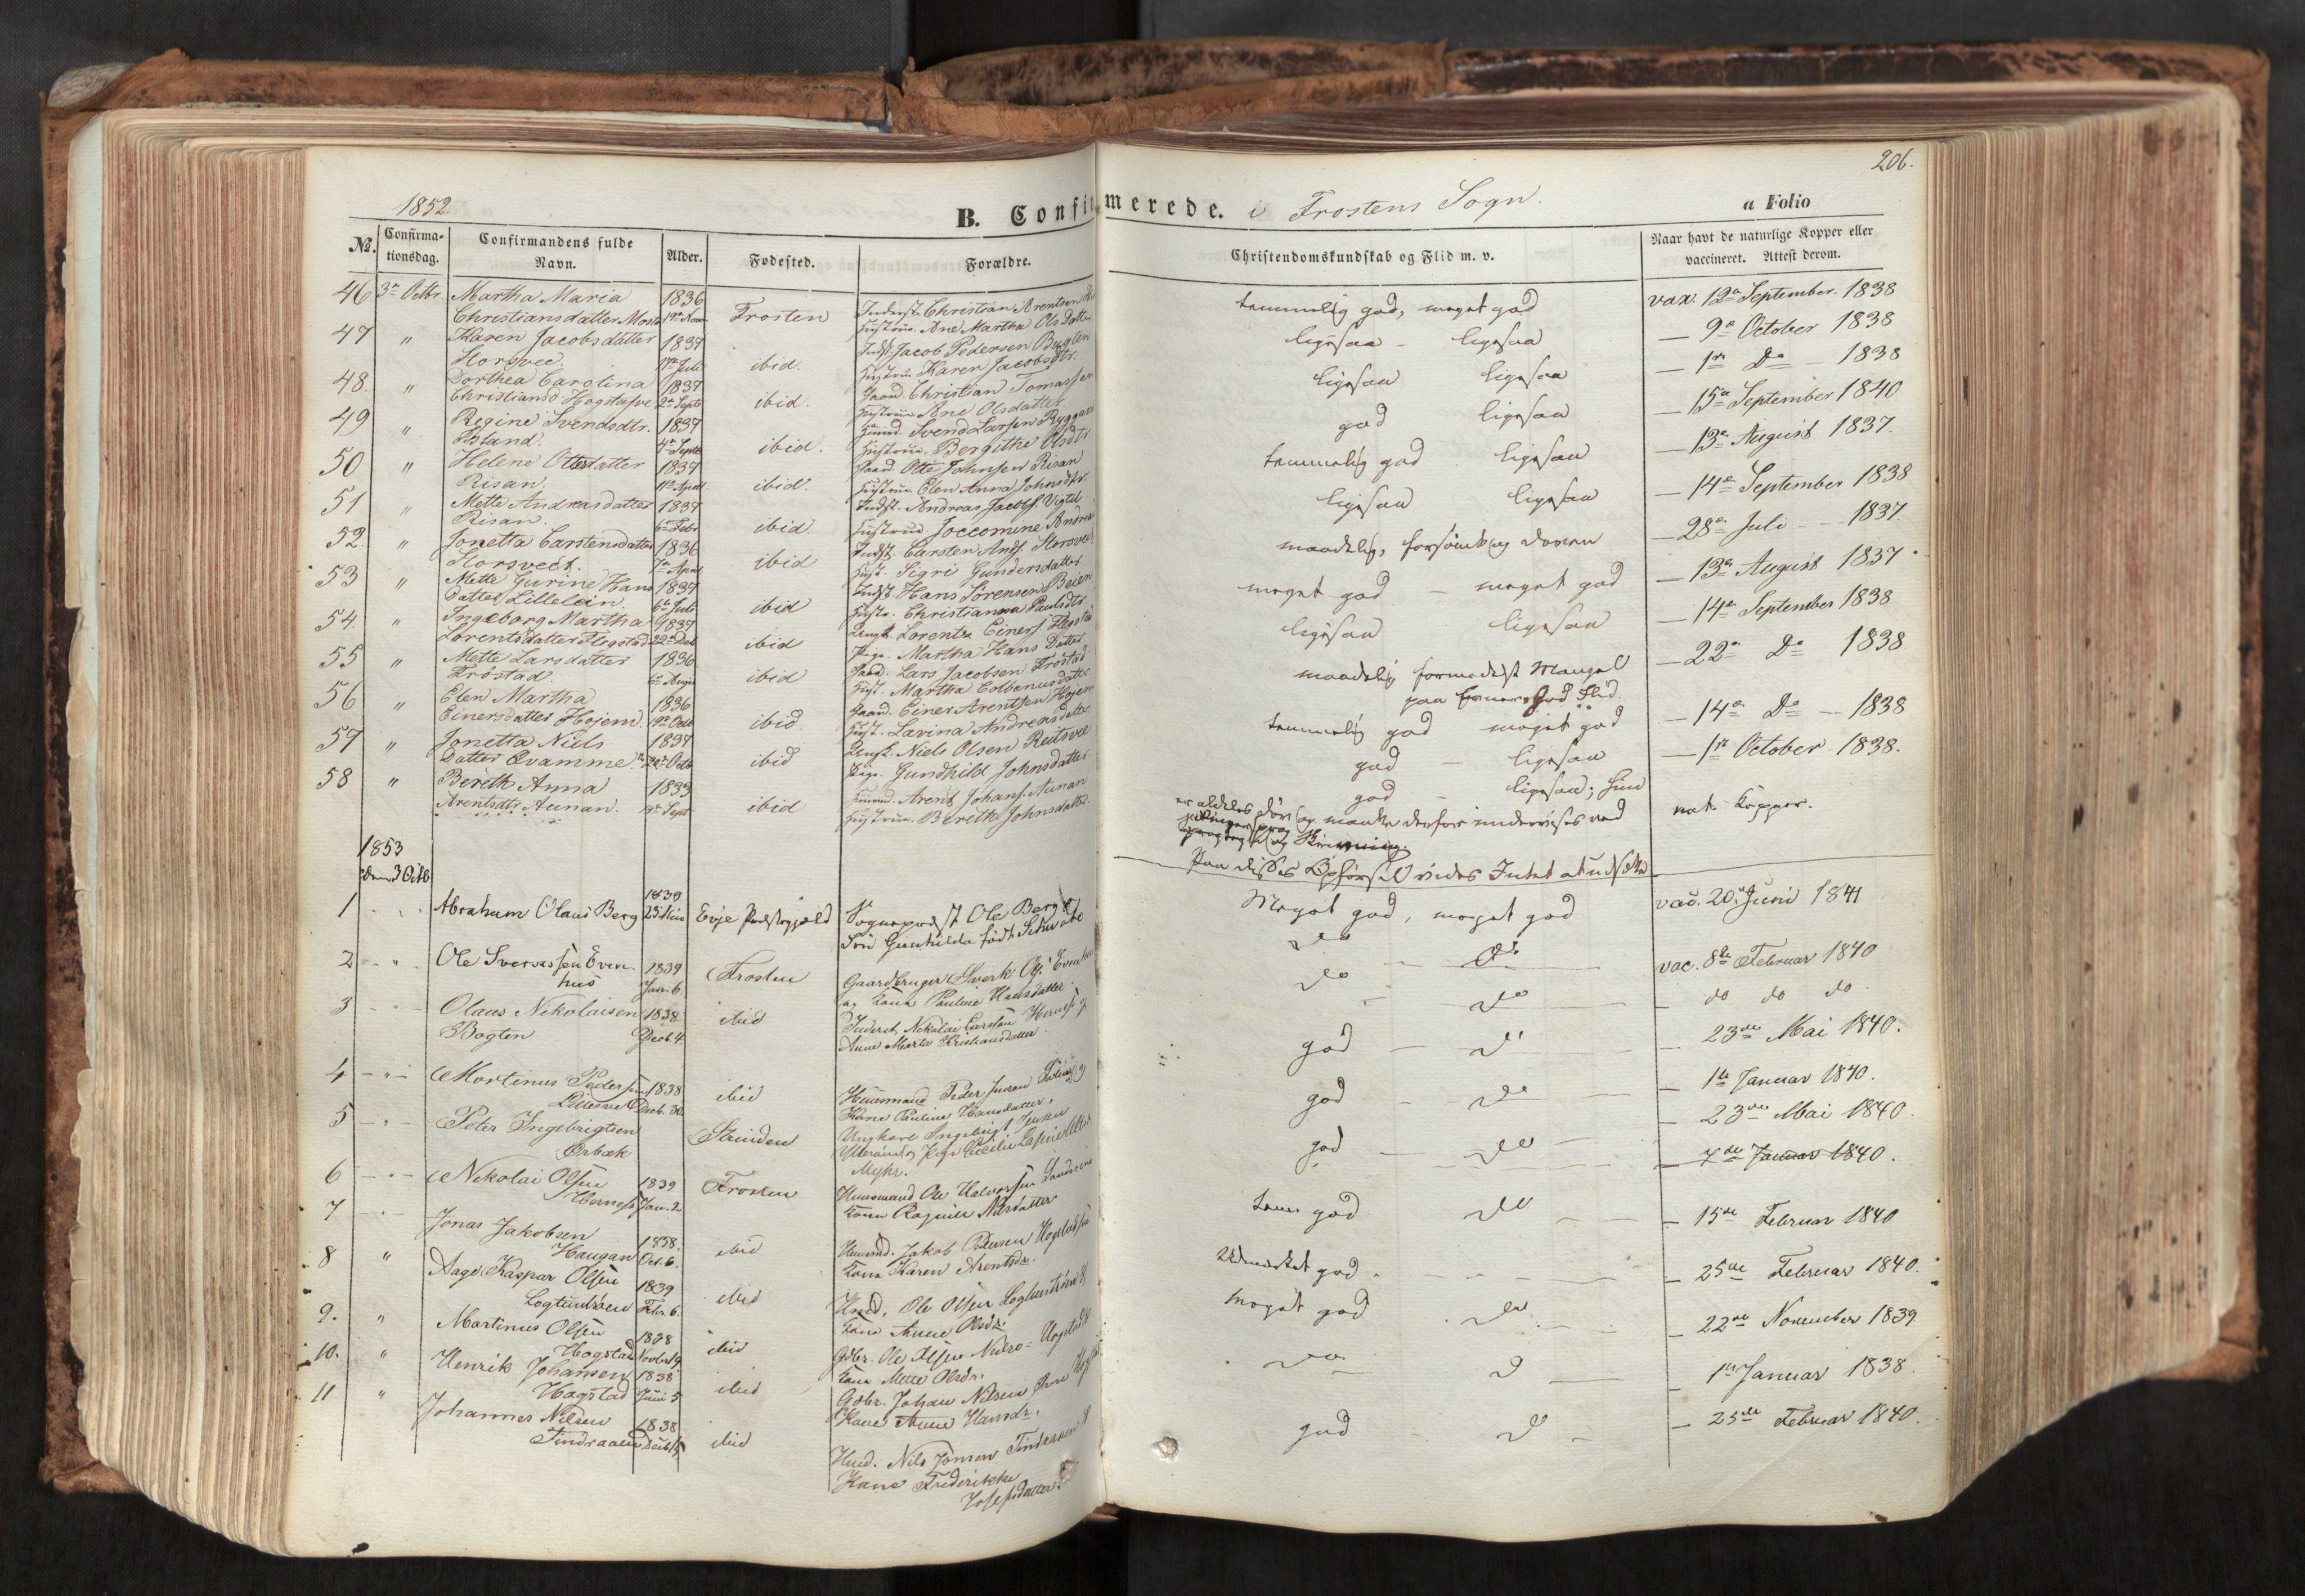 SAT, Ministerialprotokoller, klokkerbøker og fødselsregistre - Nord-Trøndelag, 713/L0116: Ministerialbok nr. 713A07, 1850-1877, s. 206